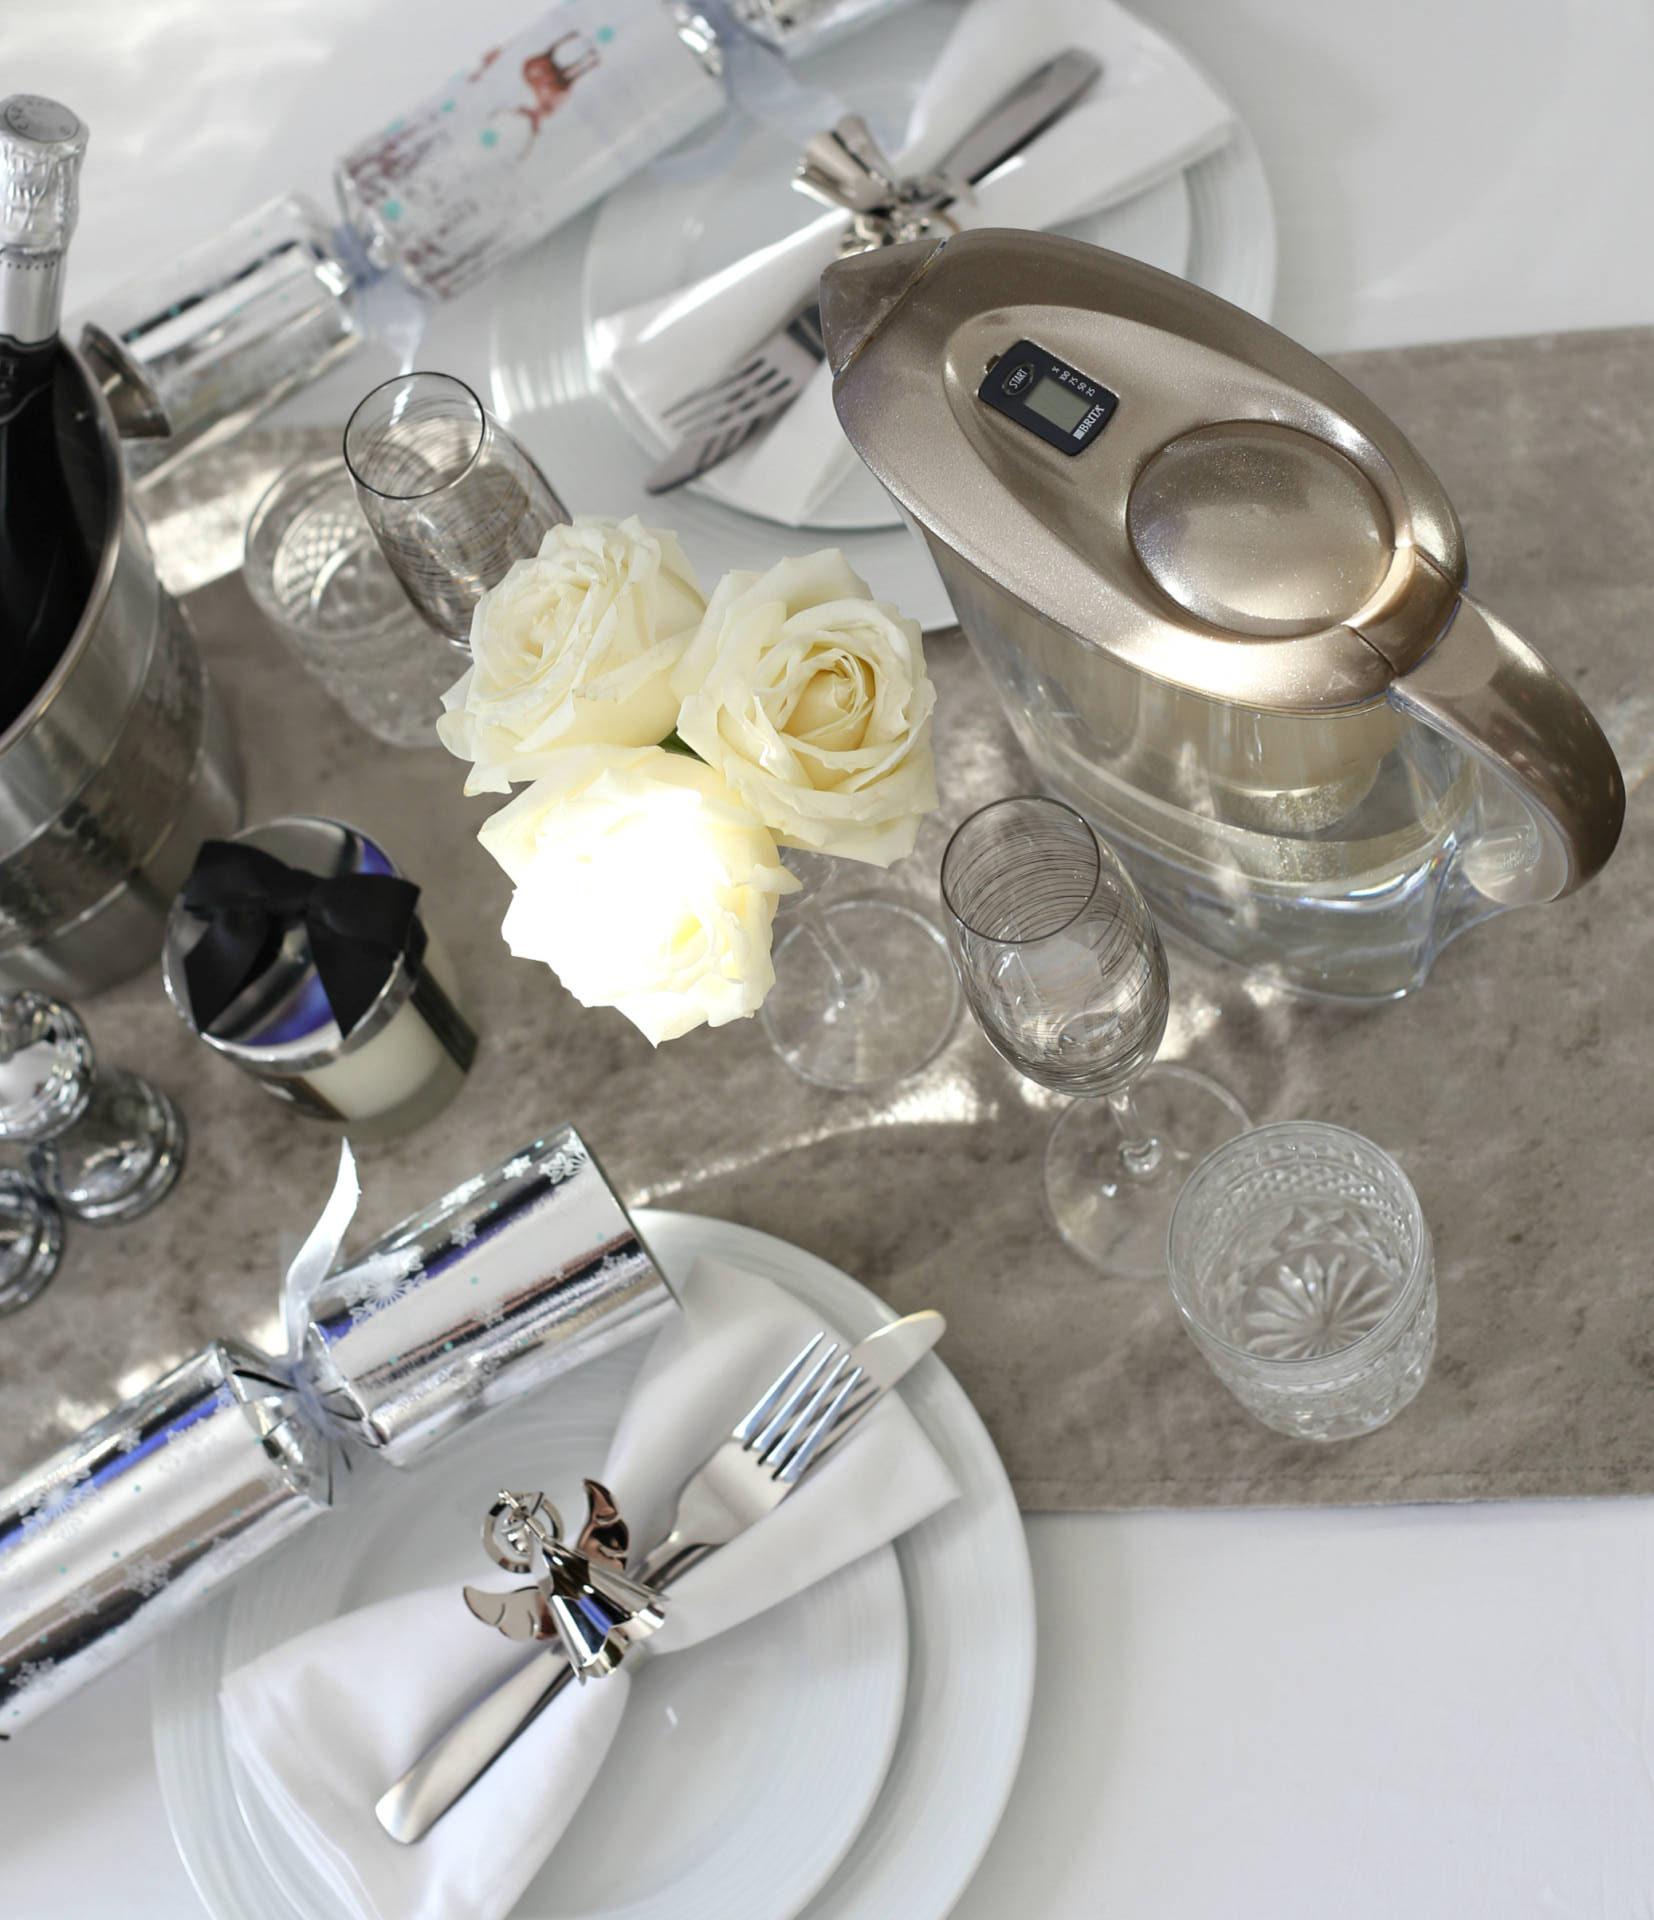 Christmas table setting inspiration